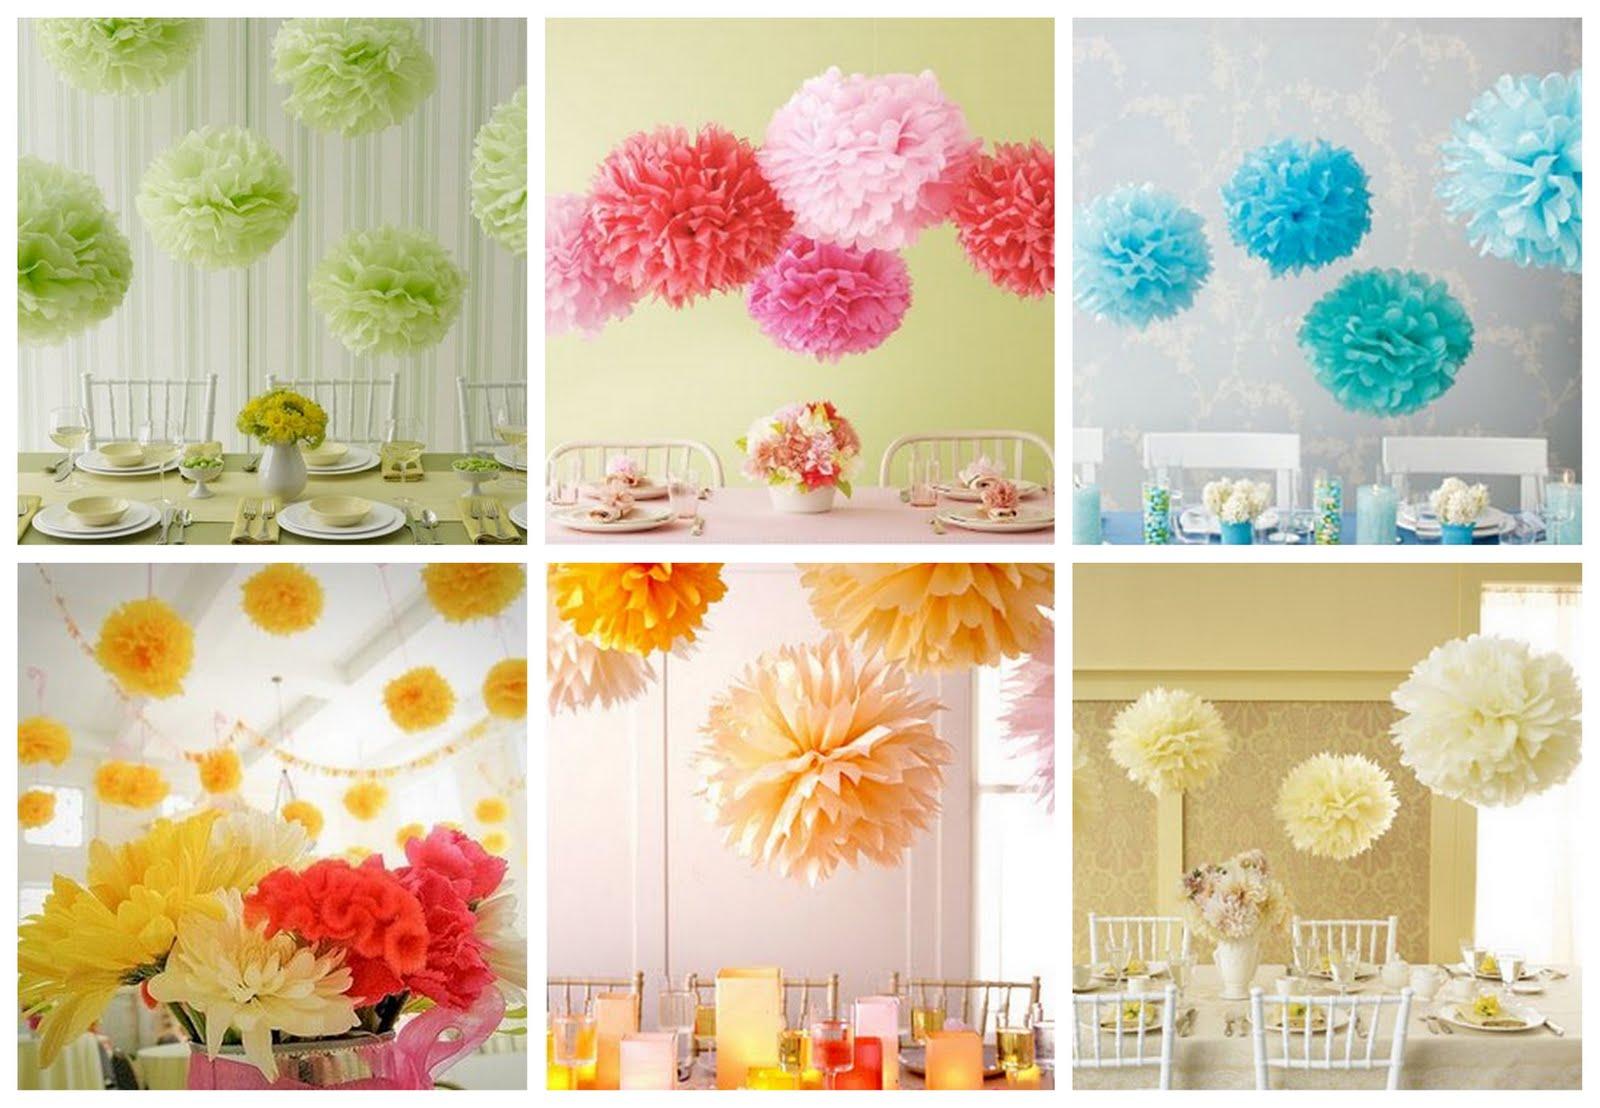 Цветы для украшения зала из бумаги на свадьбу своими руками